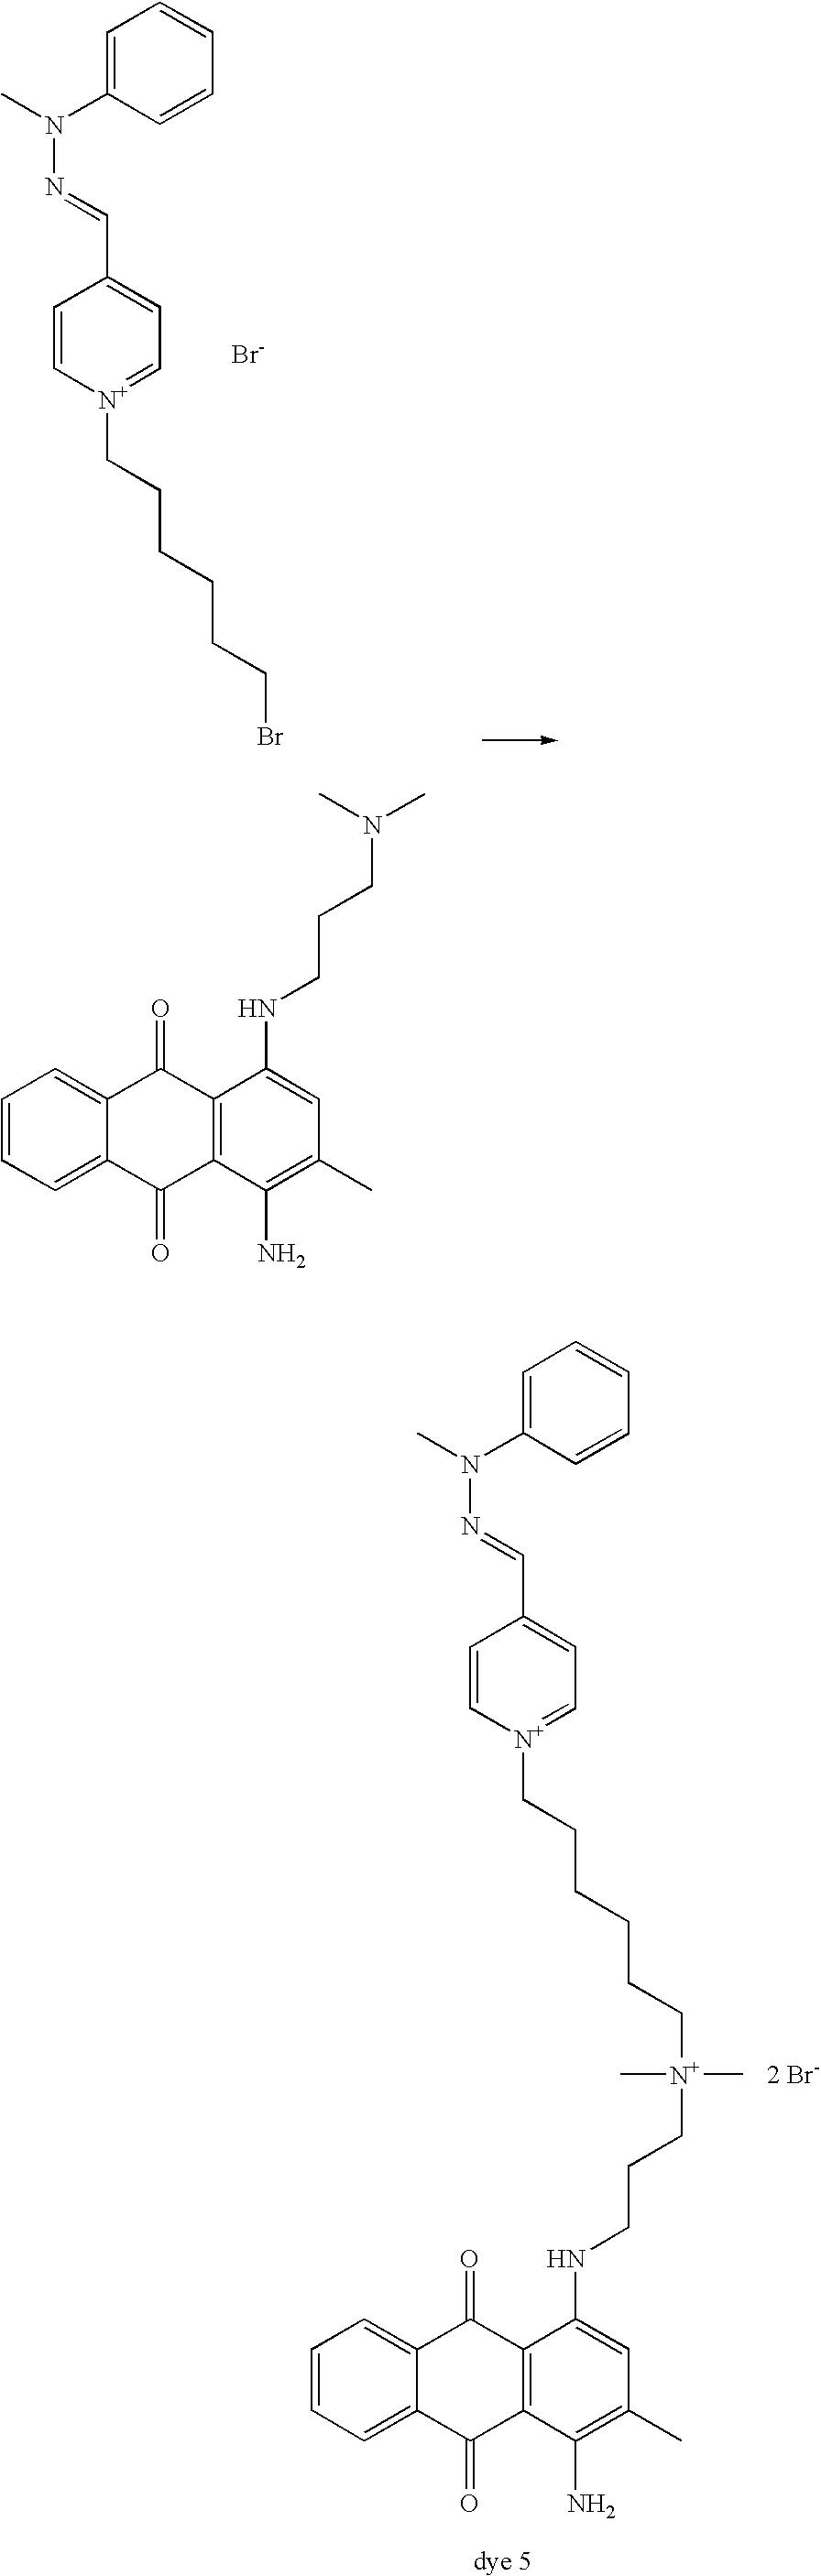 Figure US07582122-20090901-C00065